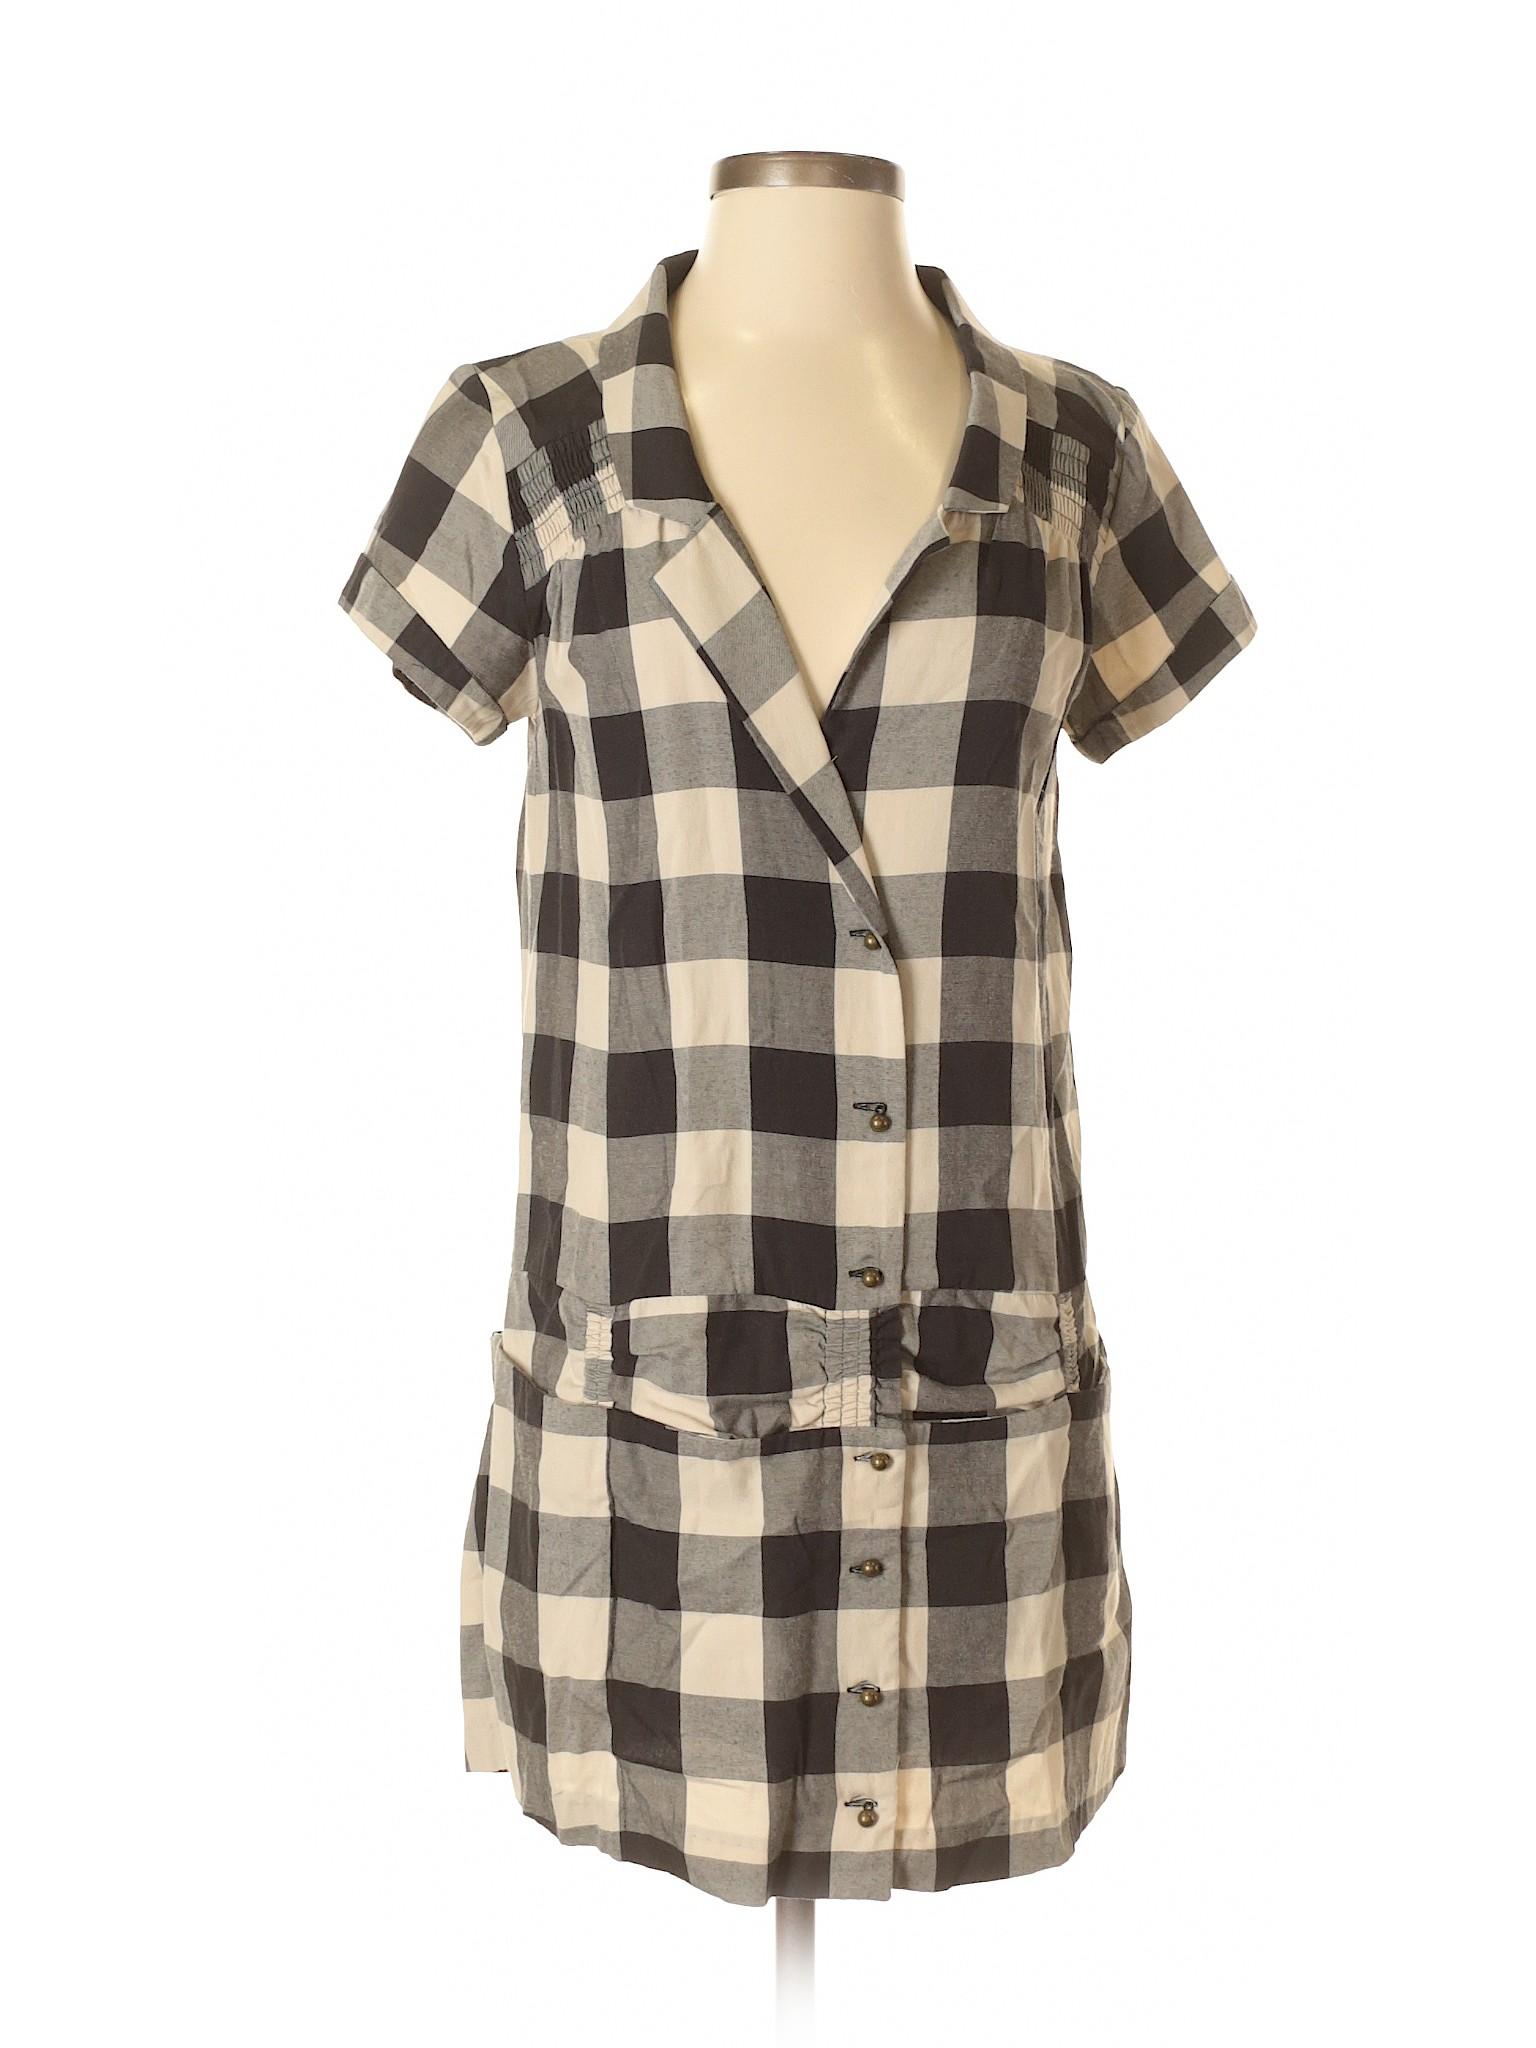 Boutique Boutique Dress Dress Quiksilver Quiksilver Casual winter Boutique winter Casual vSrSTqX